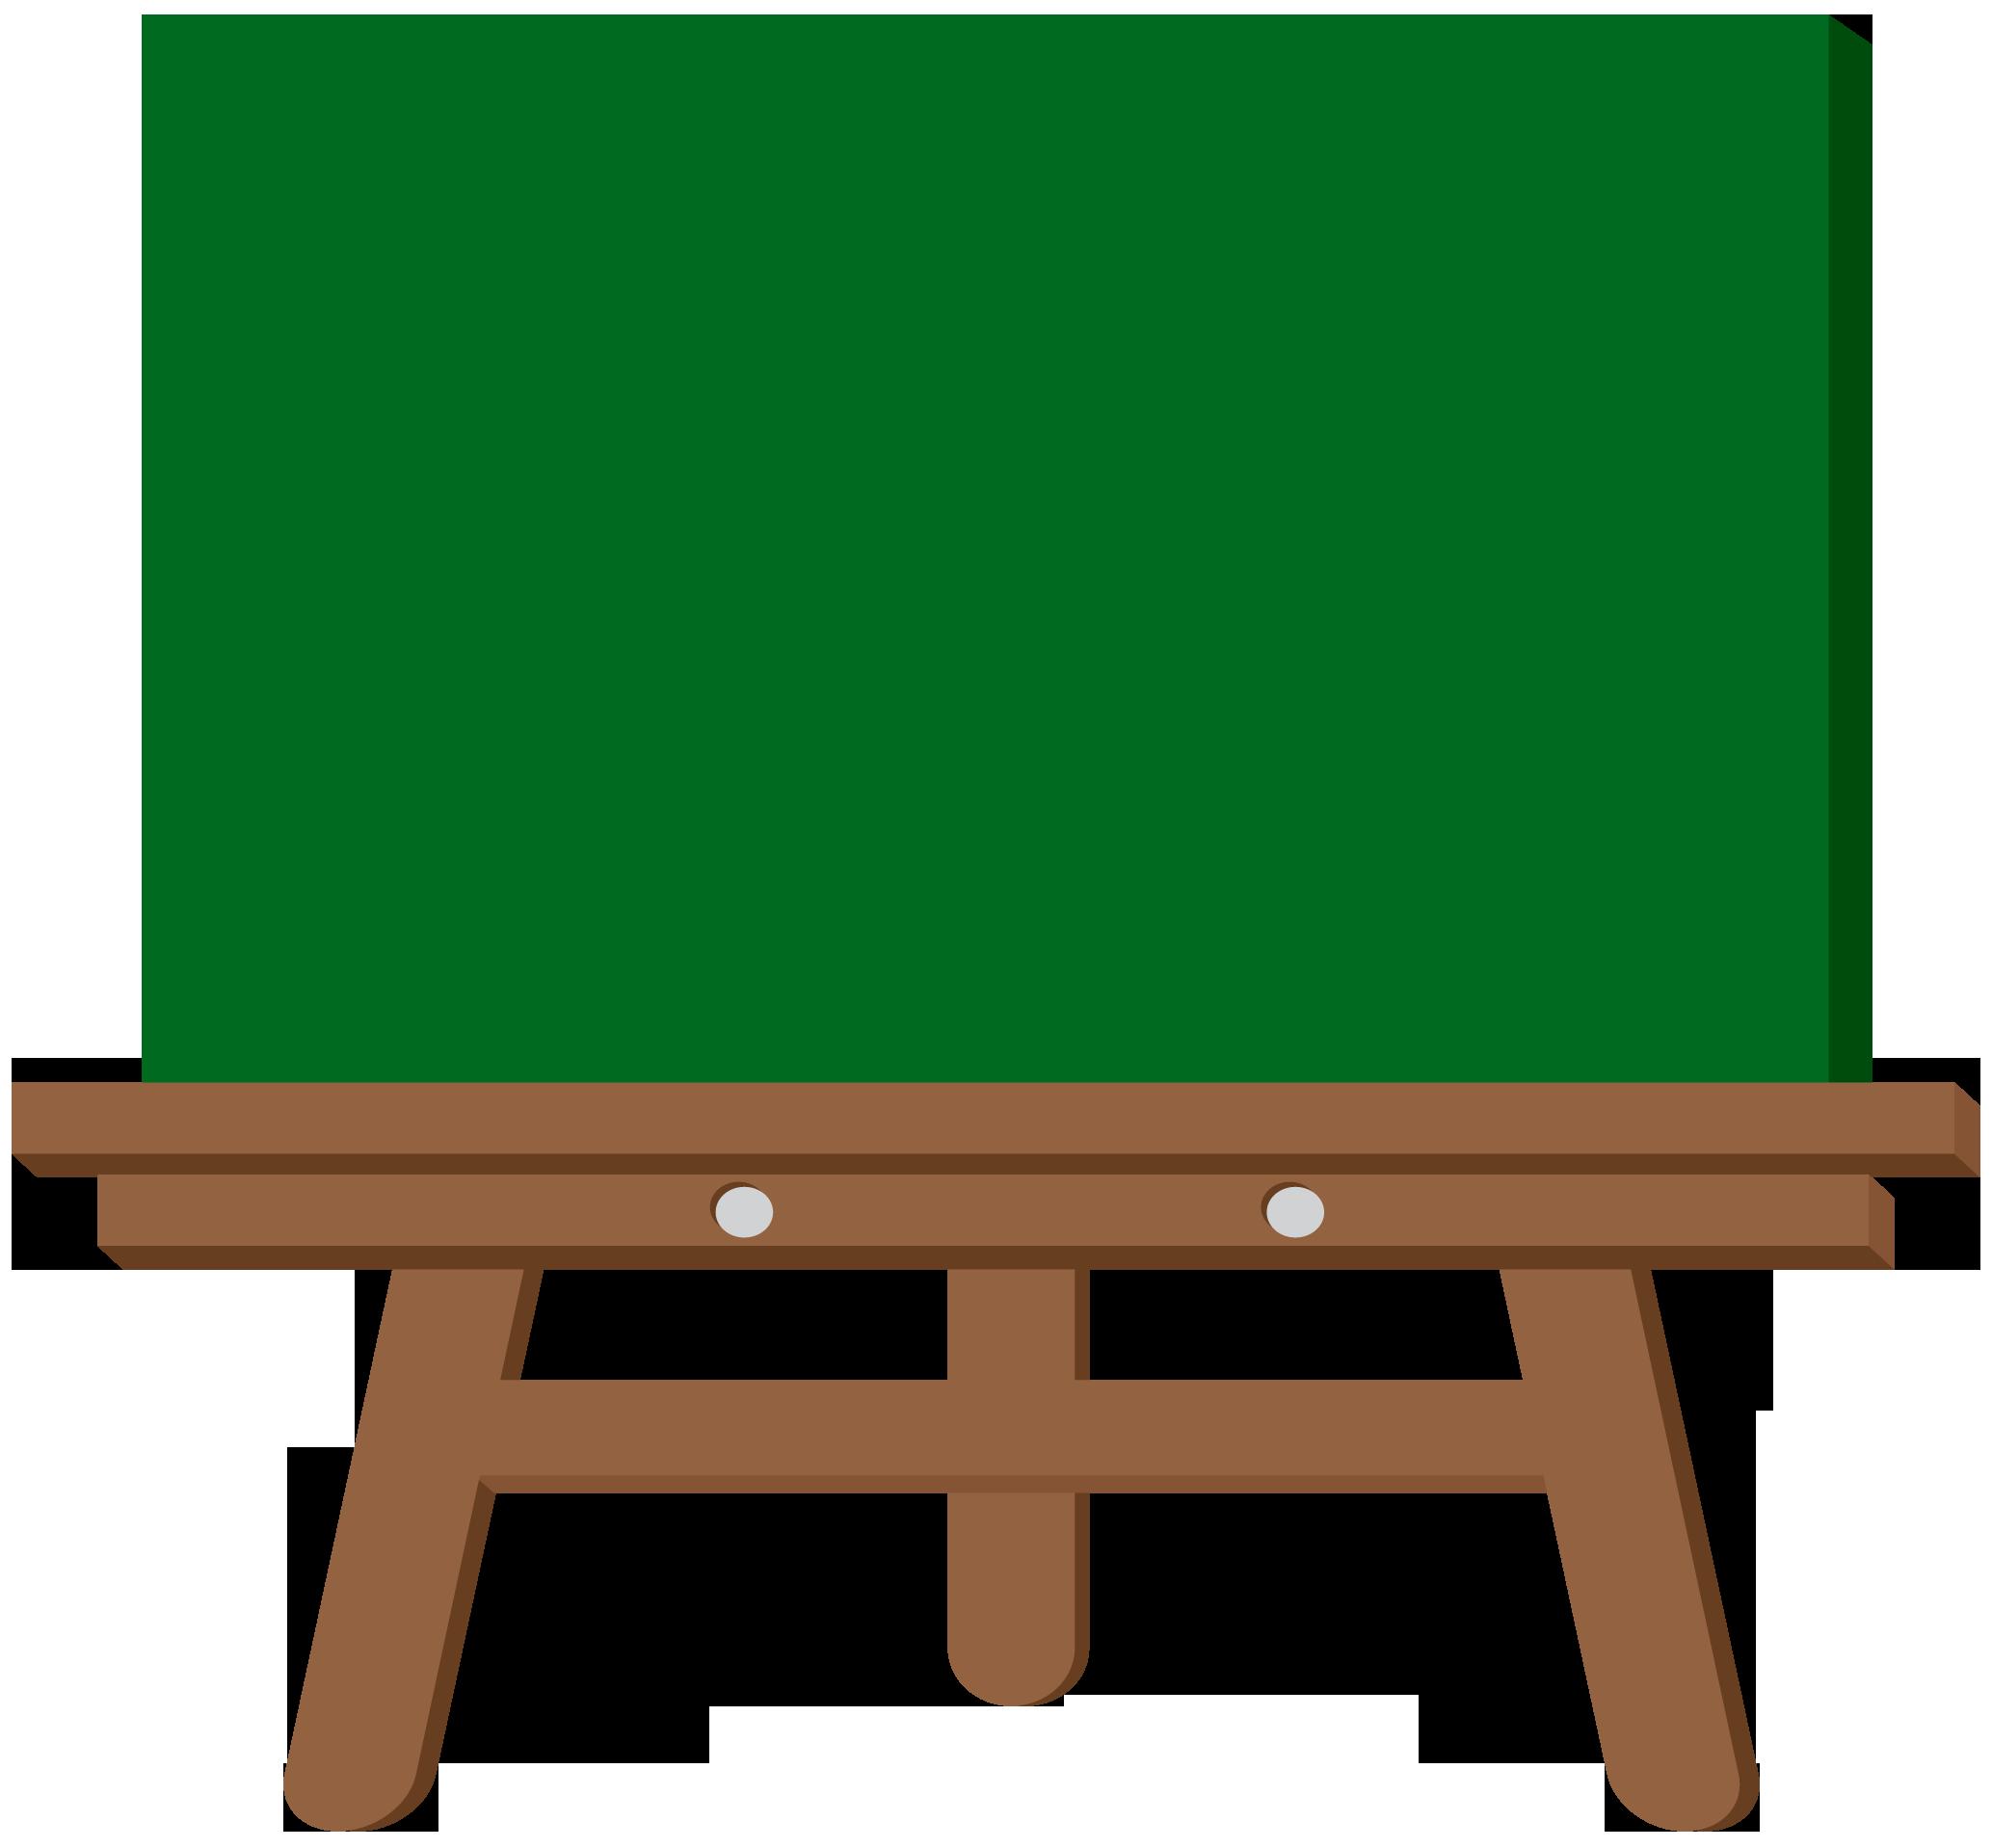 学校のイラスト・フリー素材! ai、透過pngが無料【素材っち】